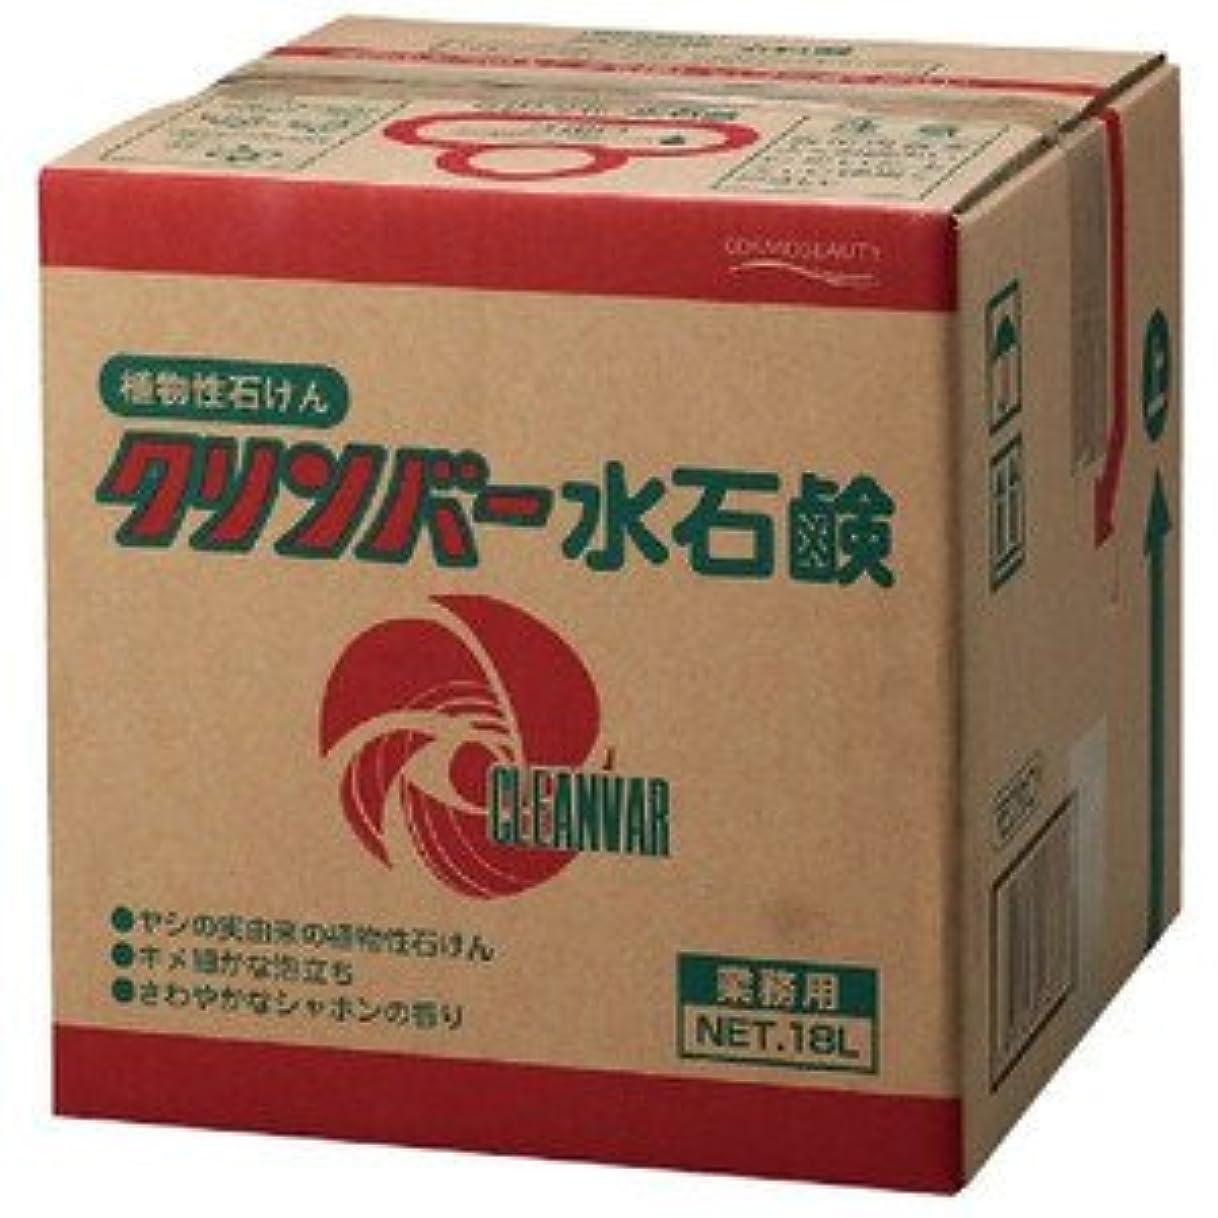 竜巻決定ゲートコスモビューティー ヤシの実由来 業務用液体手洗い洗剤 ナチュラルソープ( 旧名:クリンバー水石鹸) 18L 16373